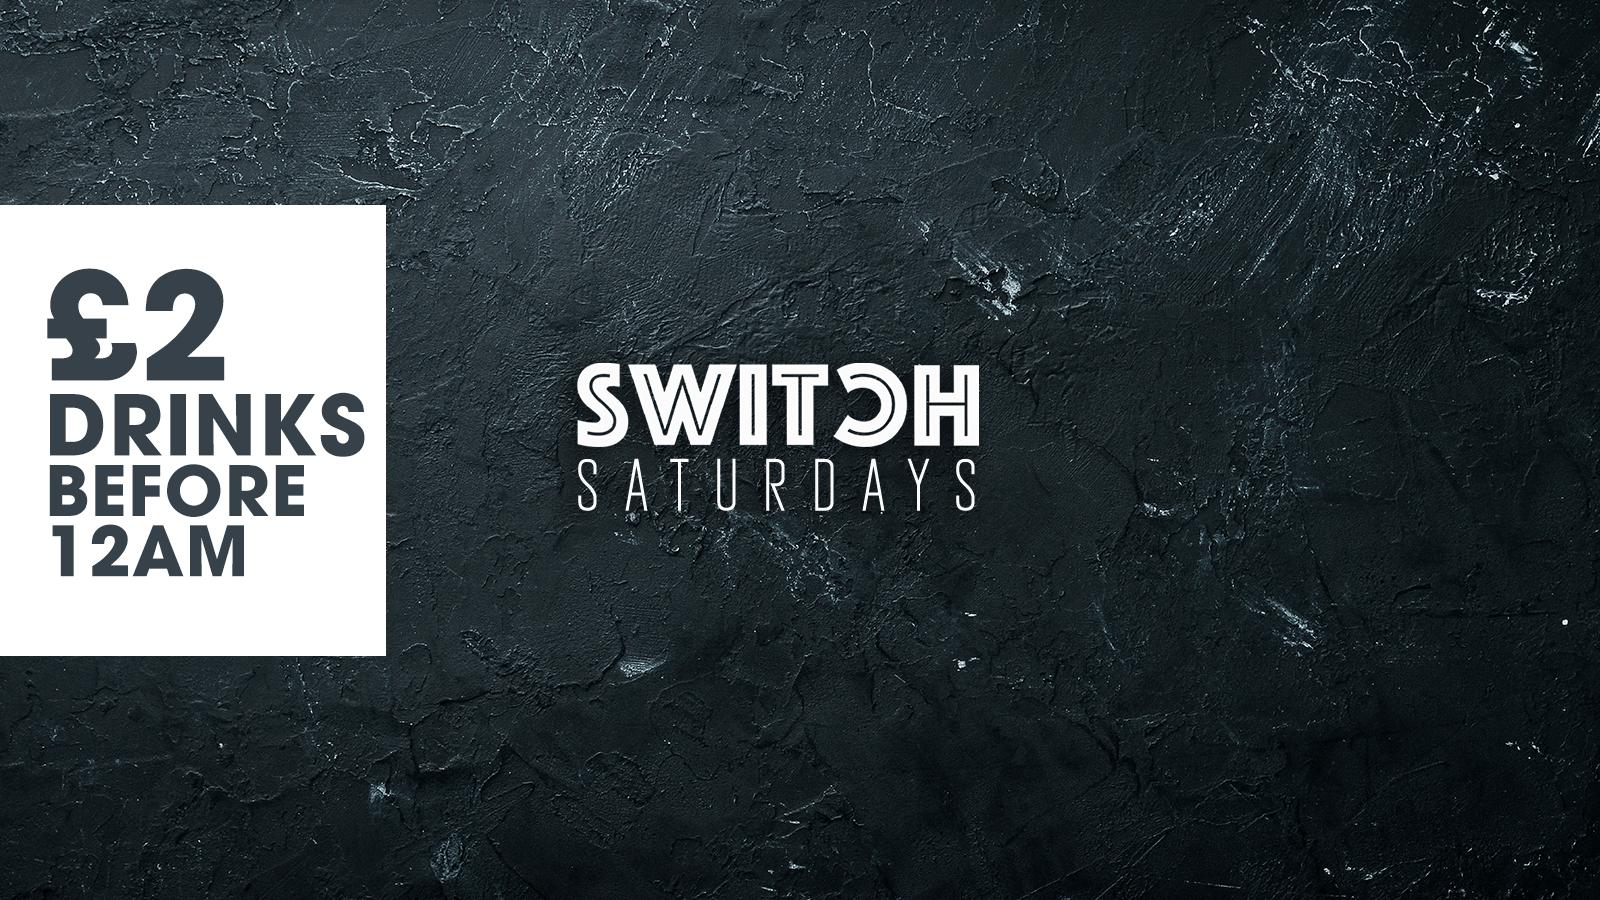 Switch Saturdays